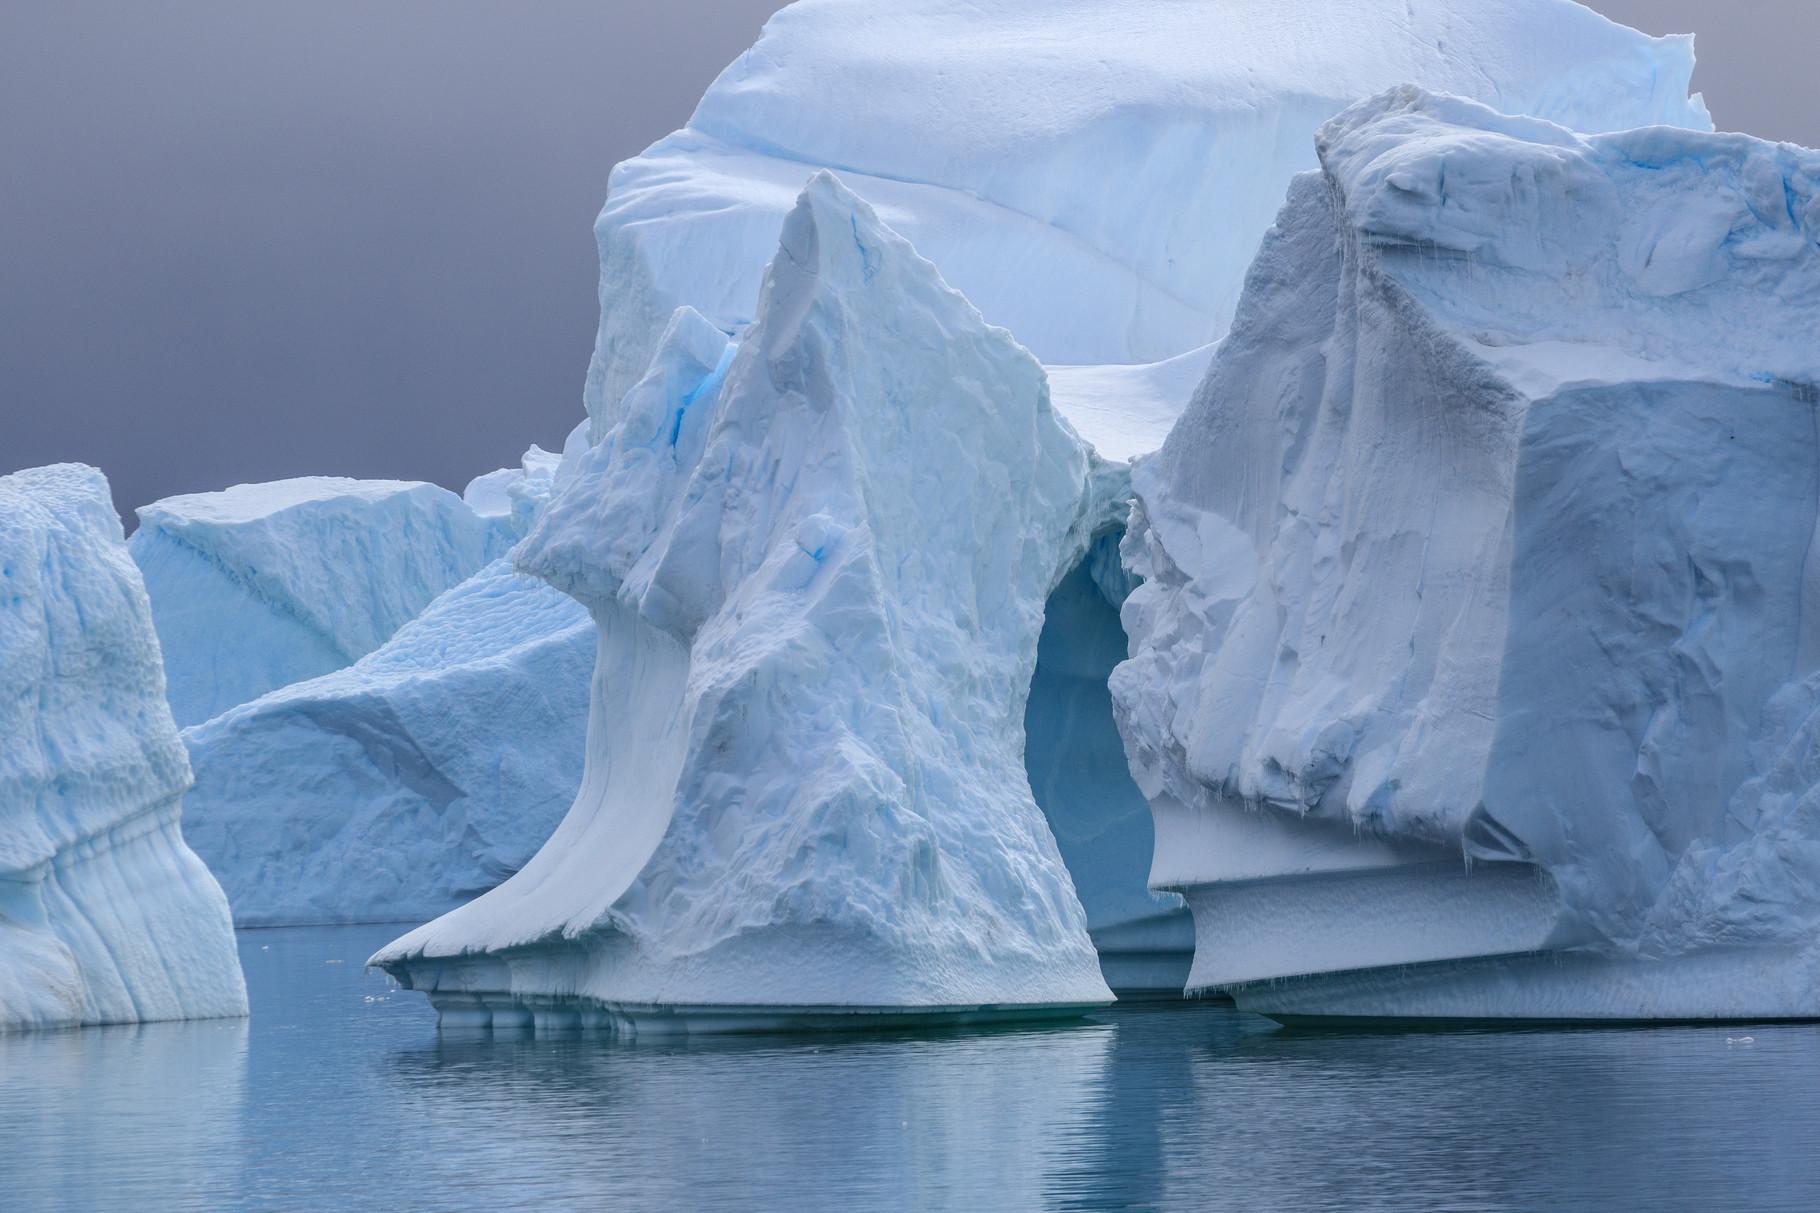 Segelreise mit der Bark Europa in die Antarktis: Pleneau